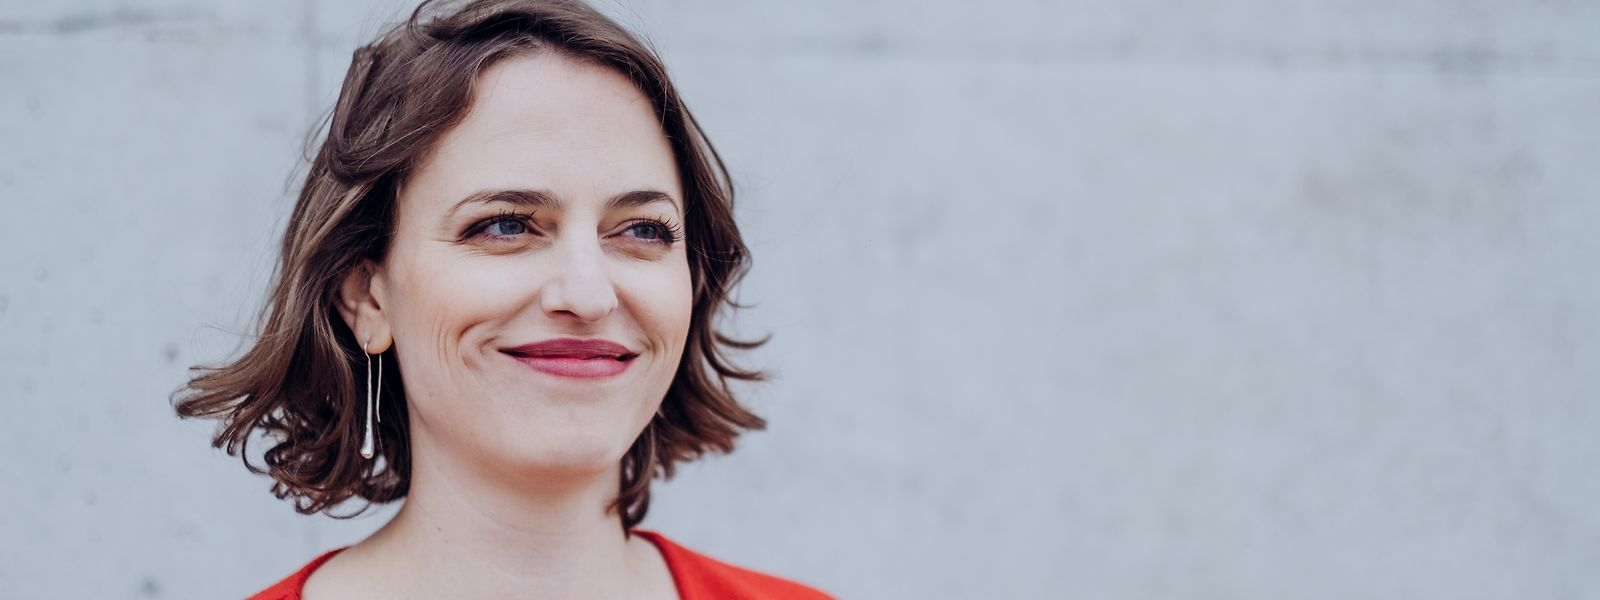 Pour la pianiste Françoise Tonteling, l'actuelle crise sanitaire est une réelle catastrophe qui ne fait que renforcer les inégalités.